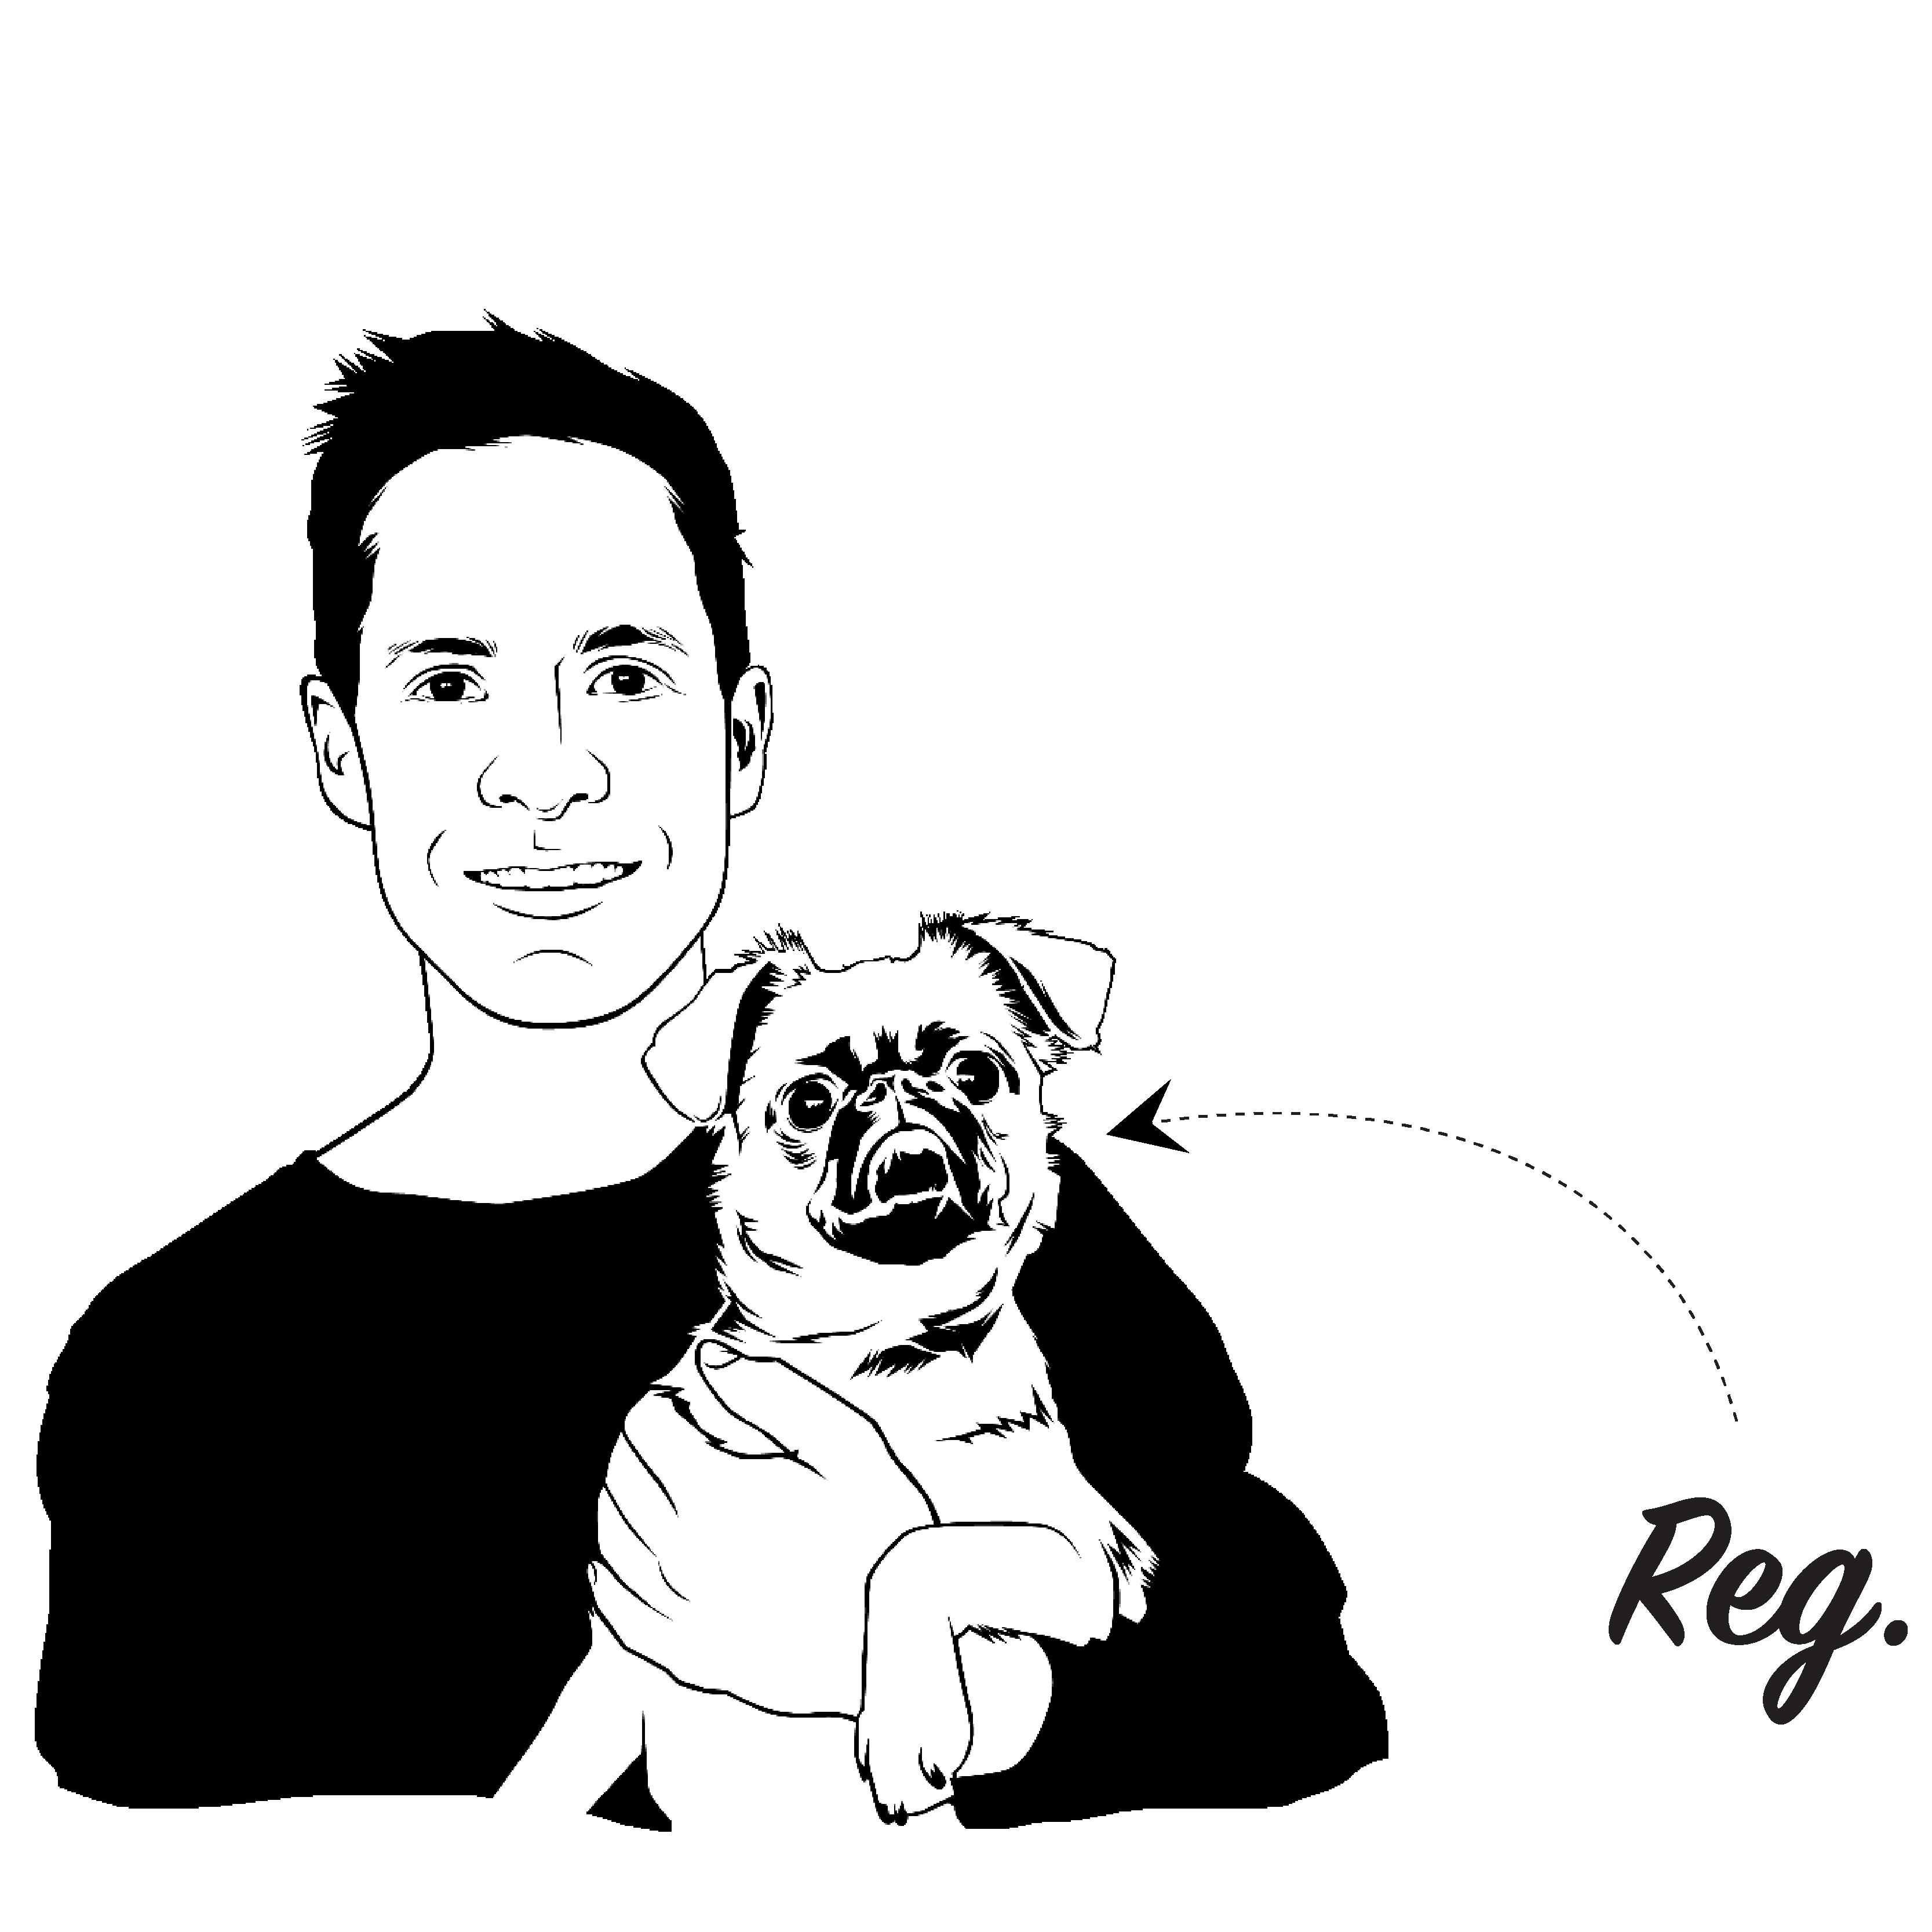 Jamie Simpson and Reg Drawing